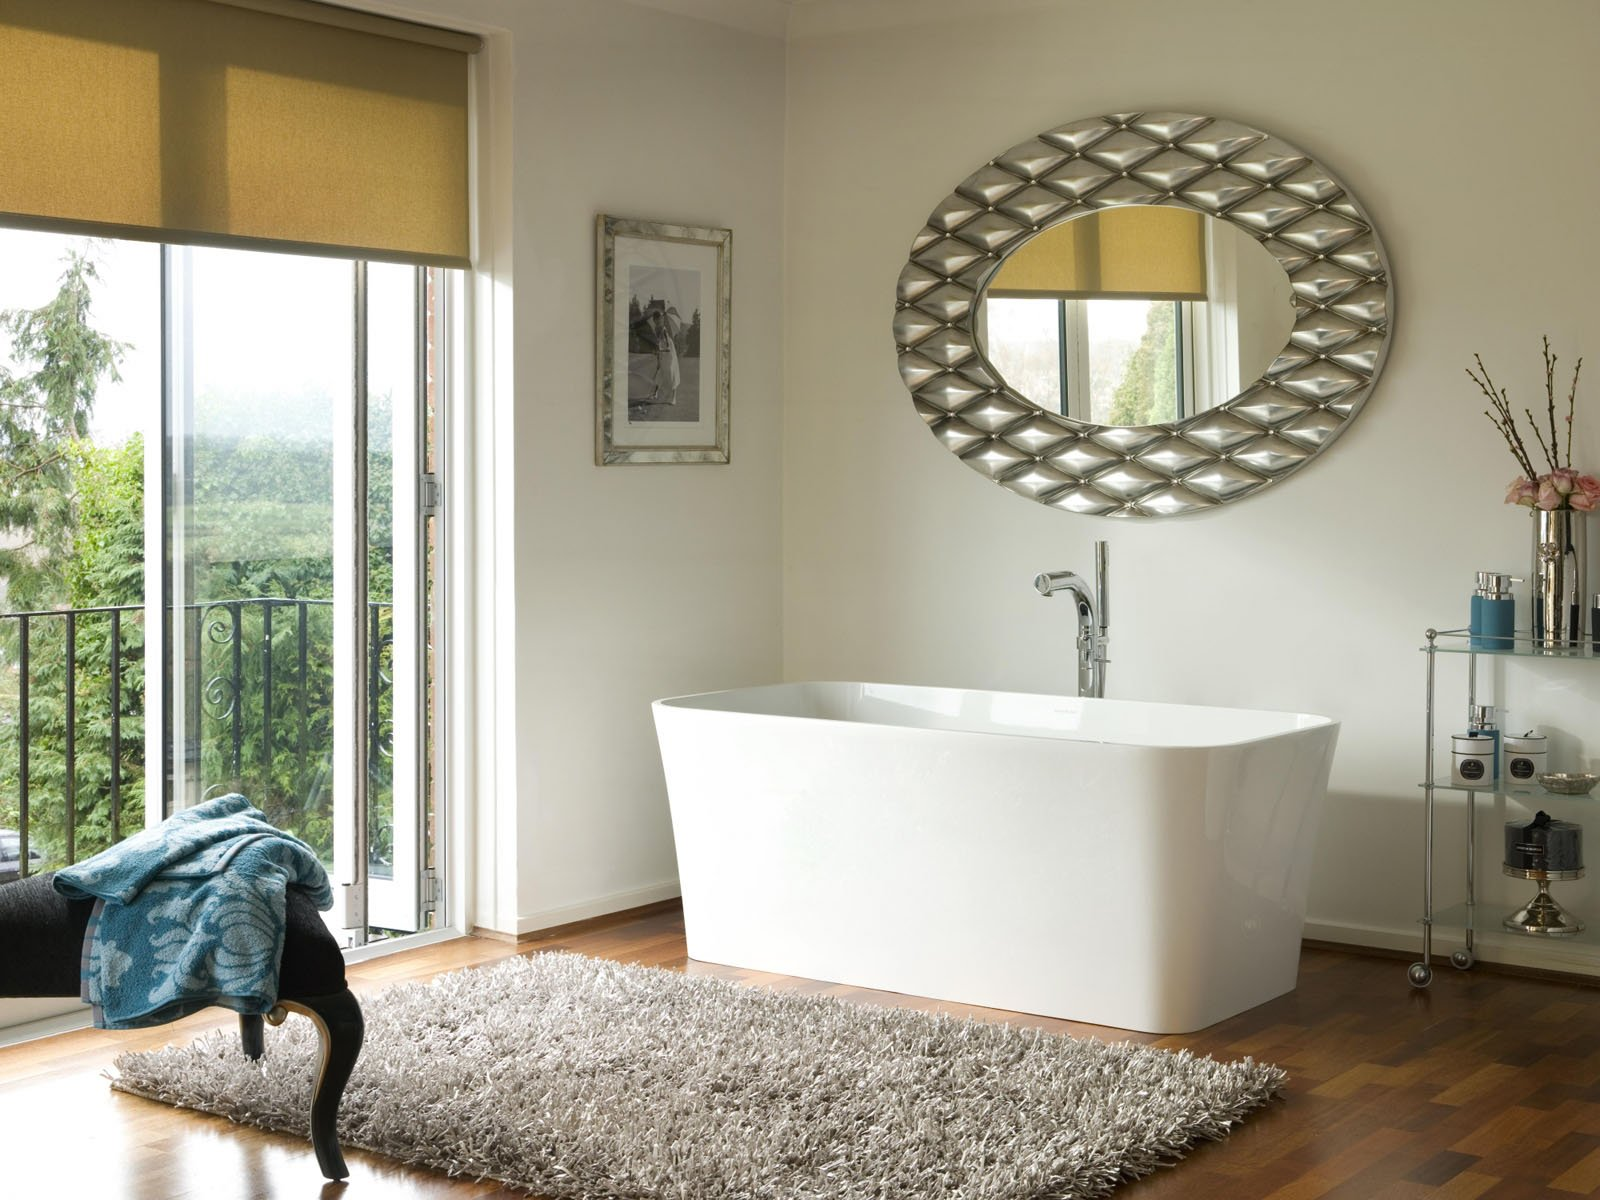 Vasca Da Bagno Corta Dimensioni : Vasche da bagno piccole cose di casa